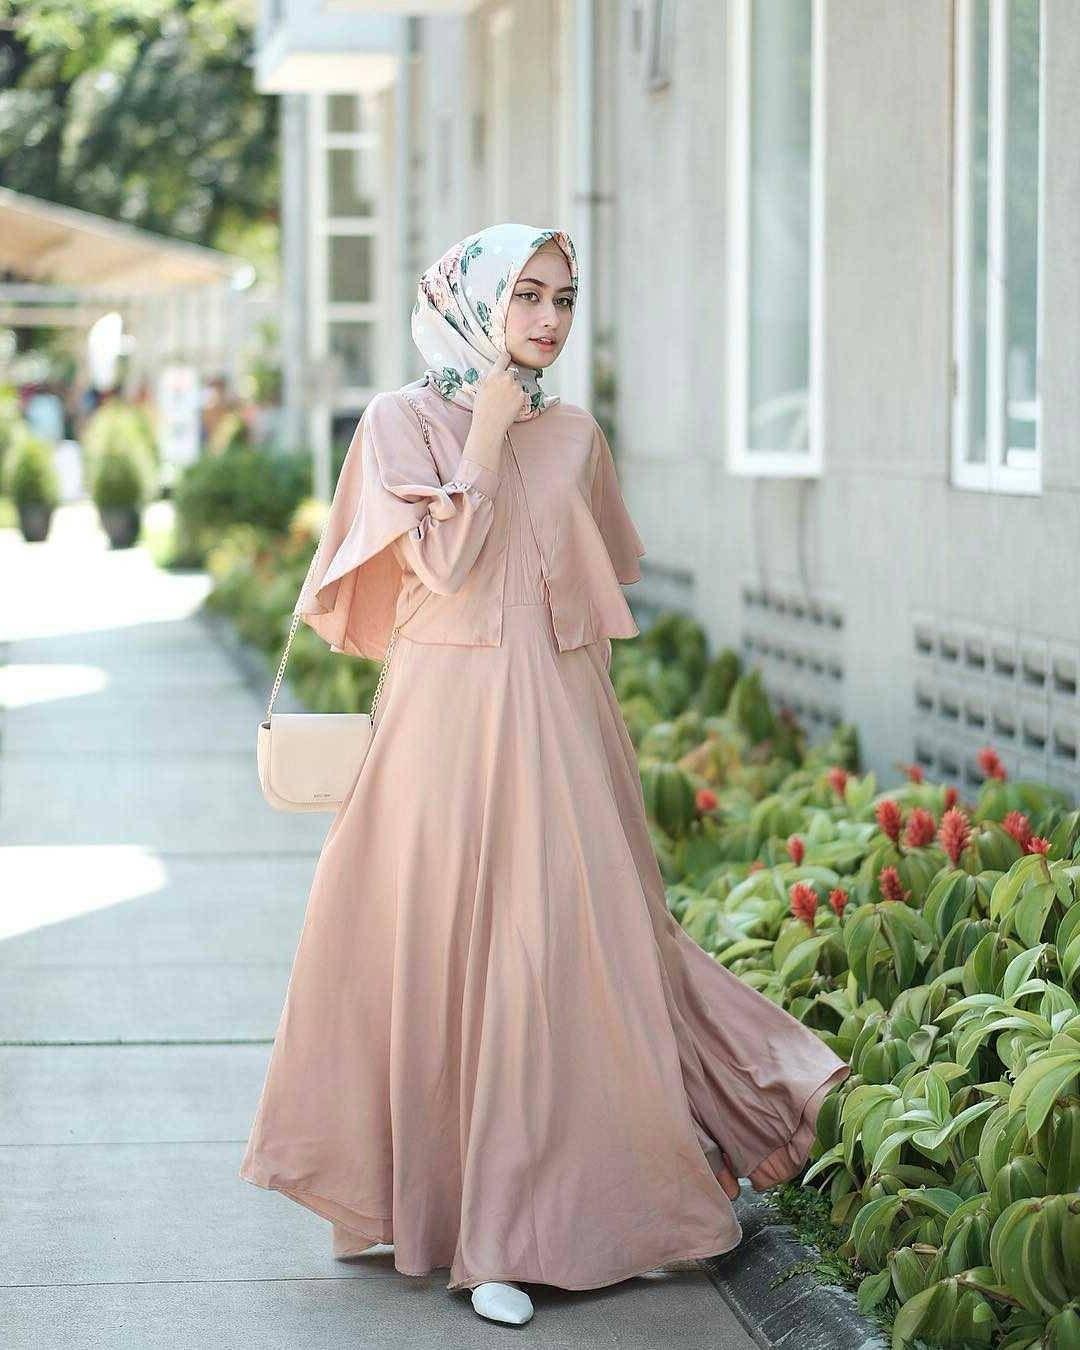 Bentuk Model Baju Lebaran Muslim Terbaru 9ddf 21 Model Gamis Lebaran 2018 Desain Elegan Casual Dan Modern